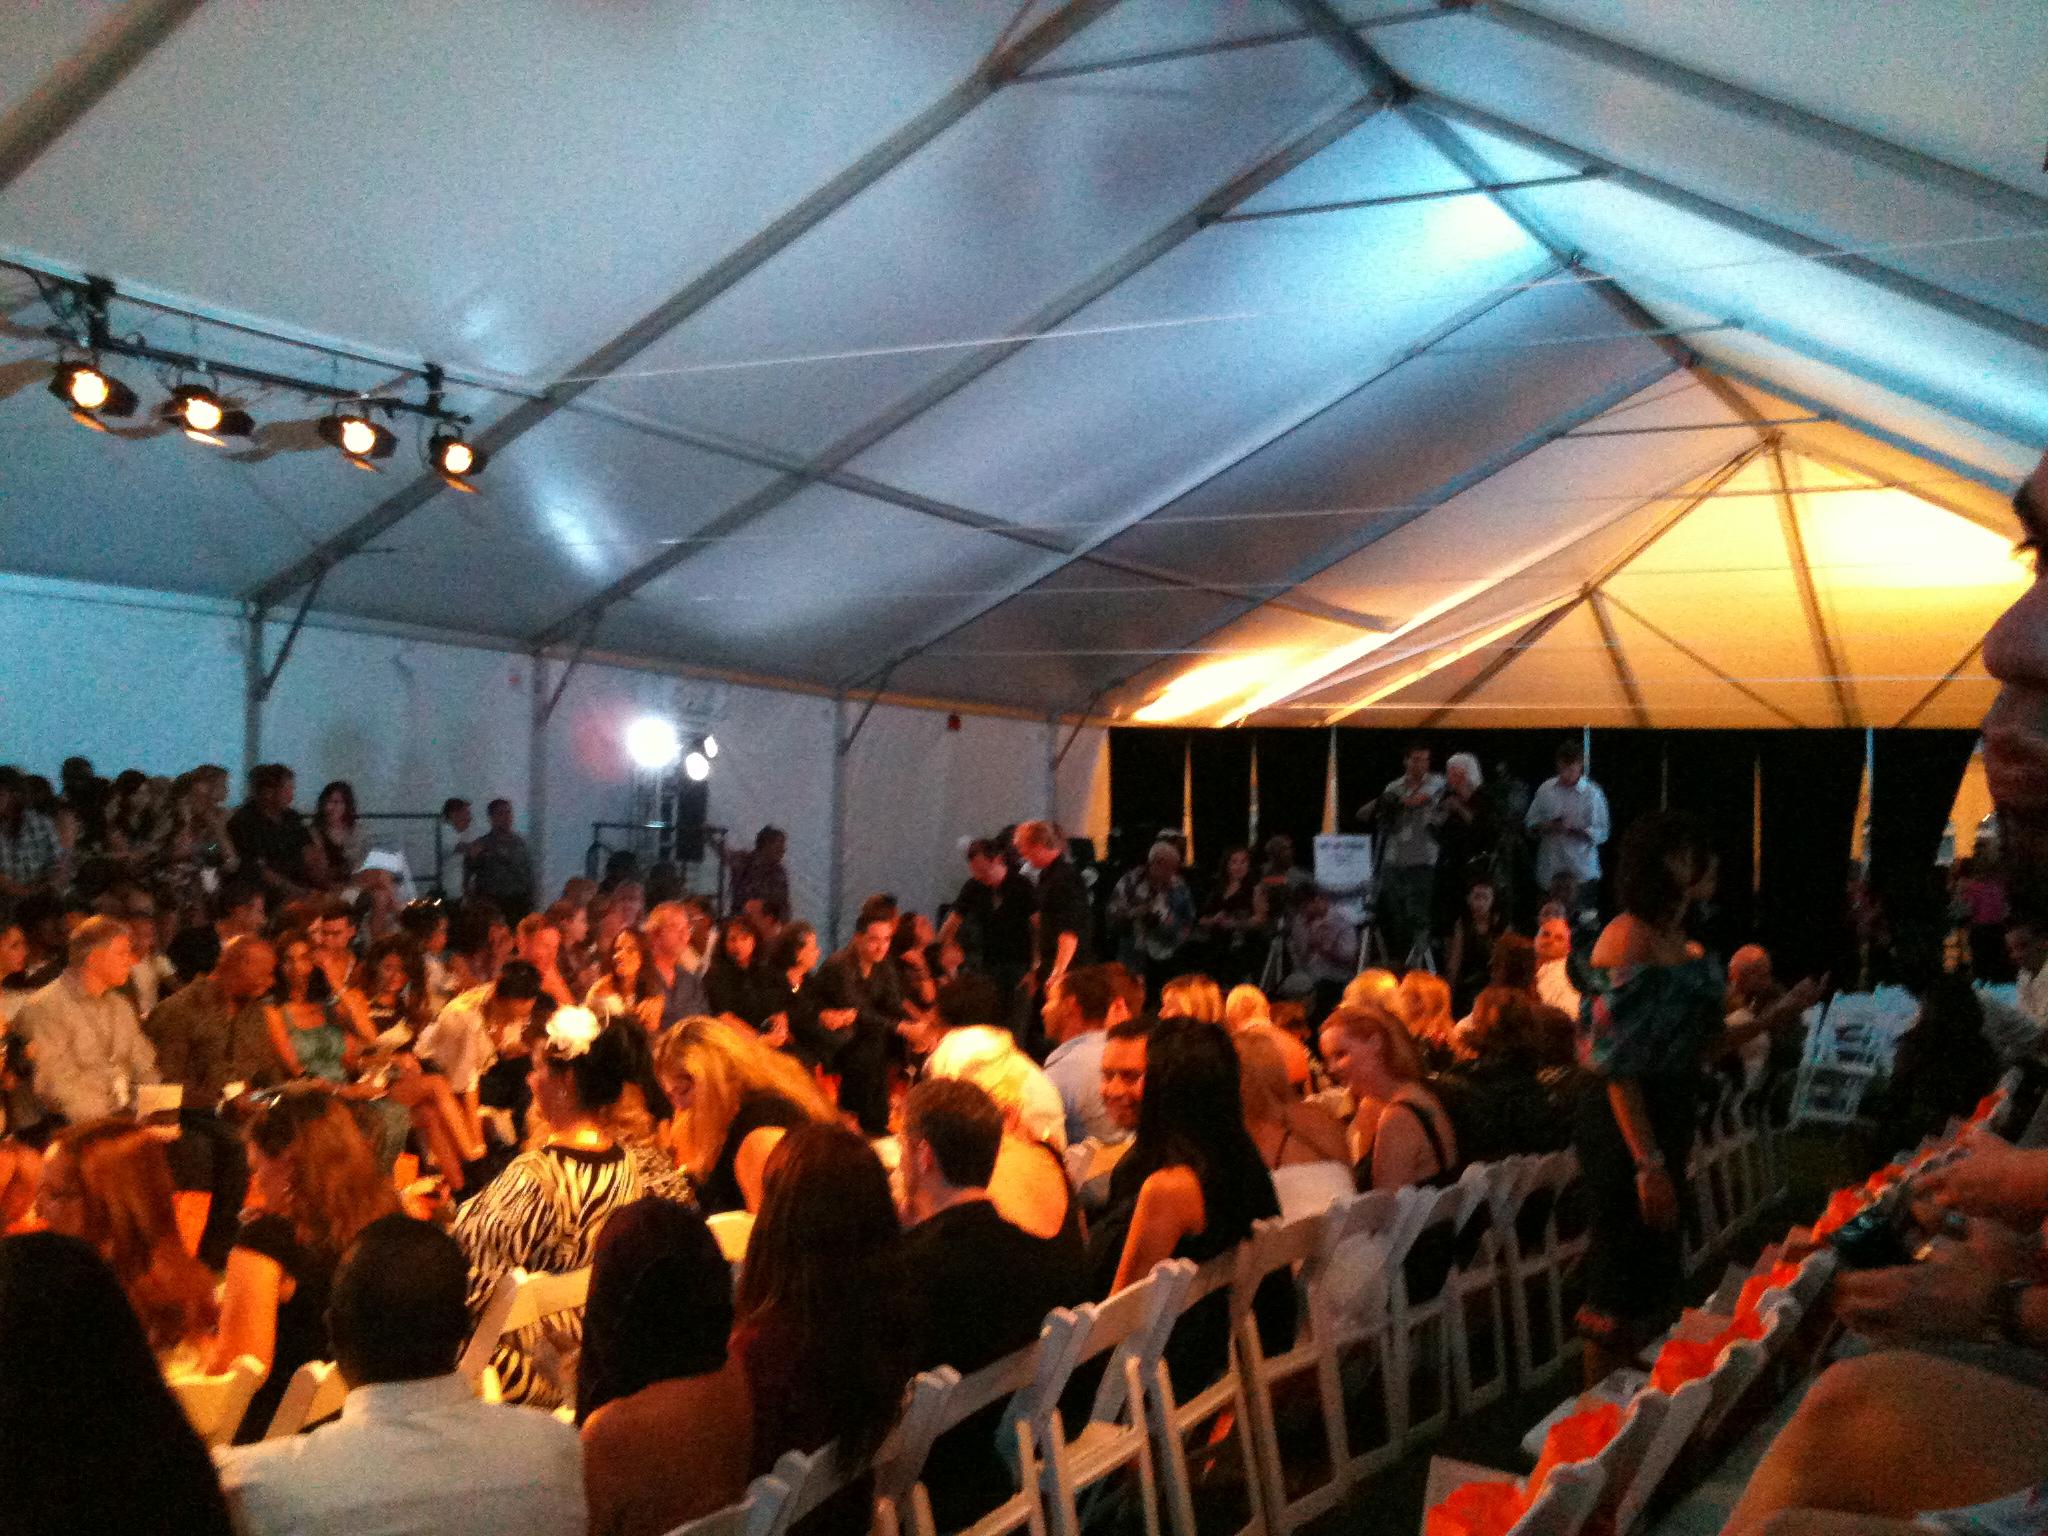 tampa bay fashion week tent